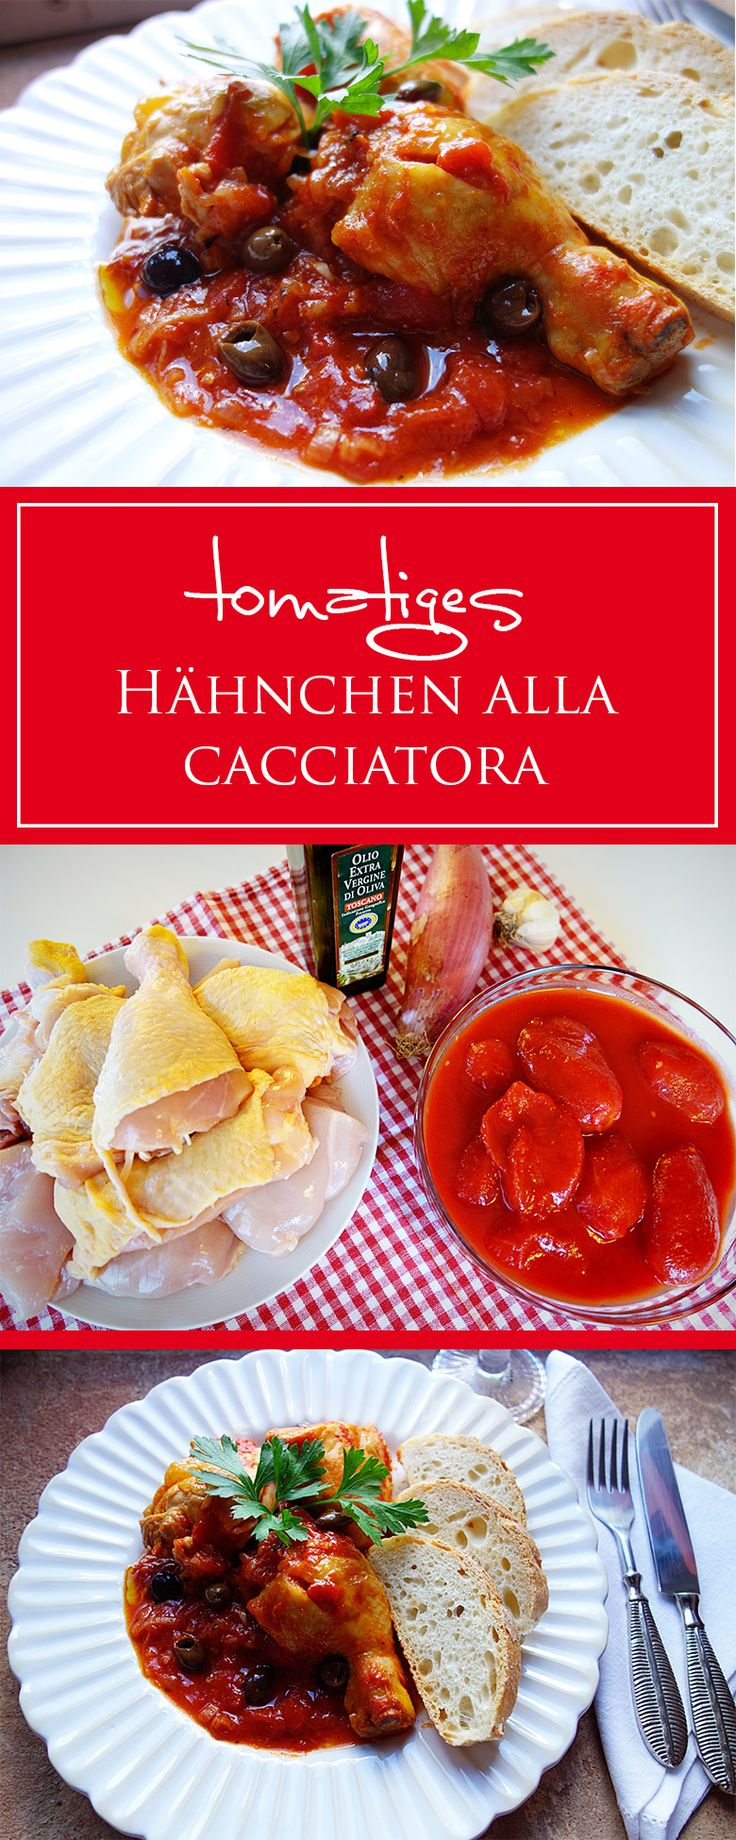 Hähnchen alla Cacciatora - ein einfaches Rezept für ein fruchtig-herzhaftes Hähnchen-Gericht für die ganze Familie. Toll zu Brot, Ofengemüse oder Püree! | 🍗🇮🇹🍴 | cucina-con-amore.de